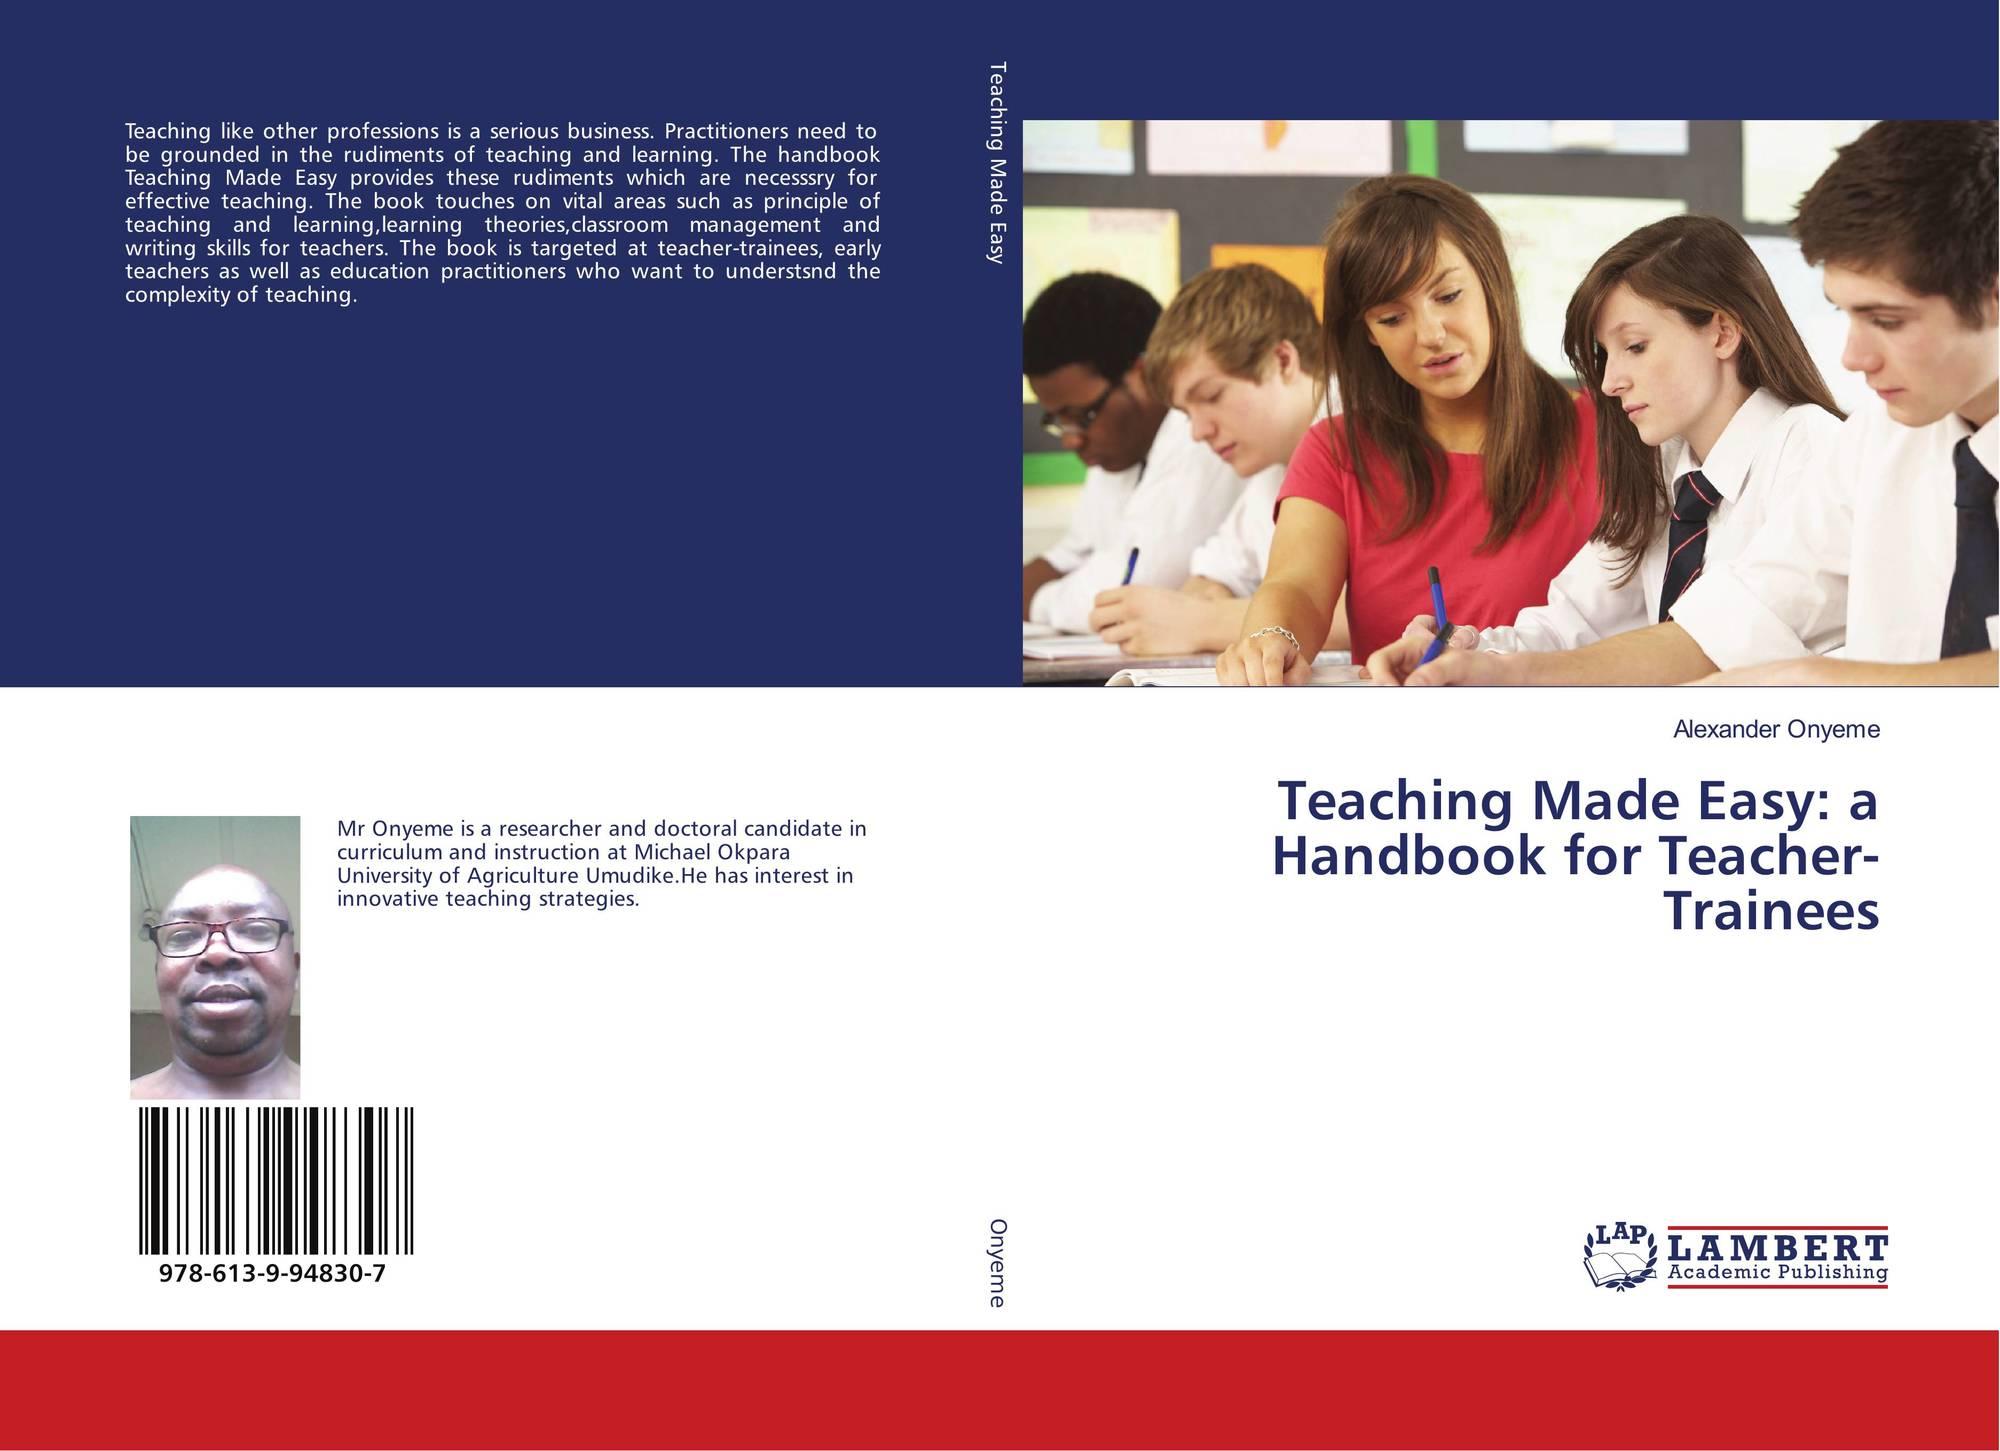 Teaching Made Easy: a Handbook for Teacher-Trainees, 978-613